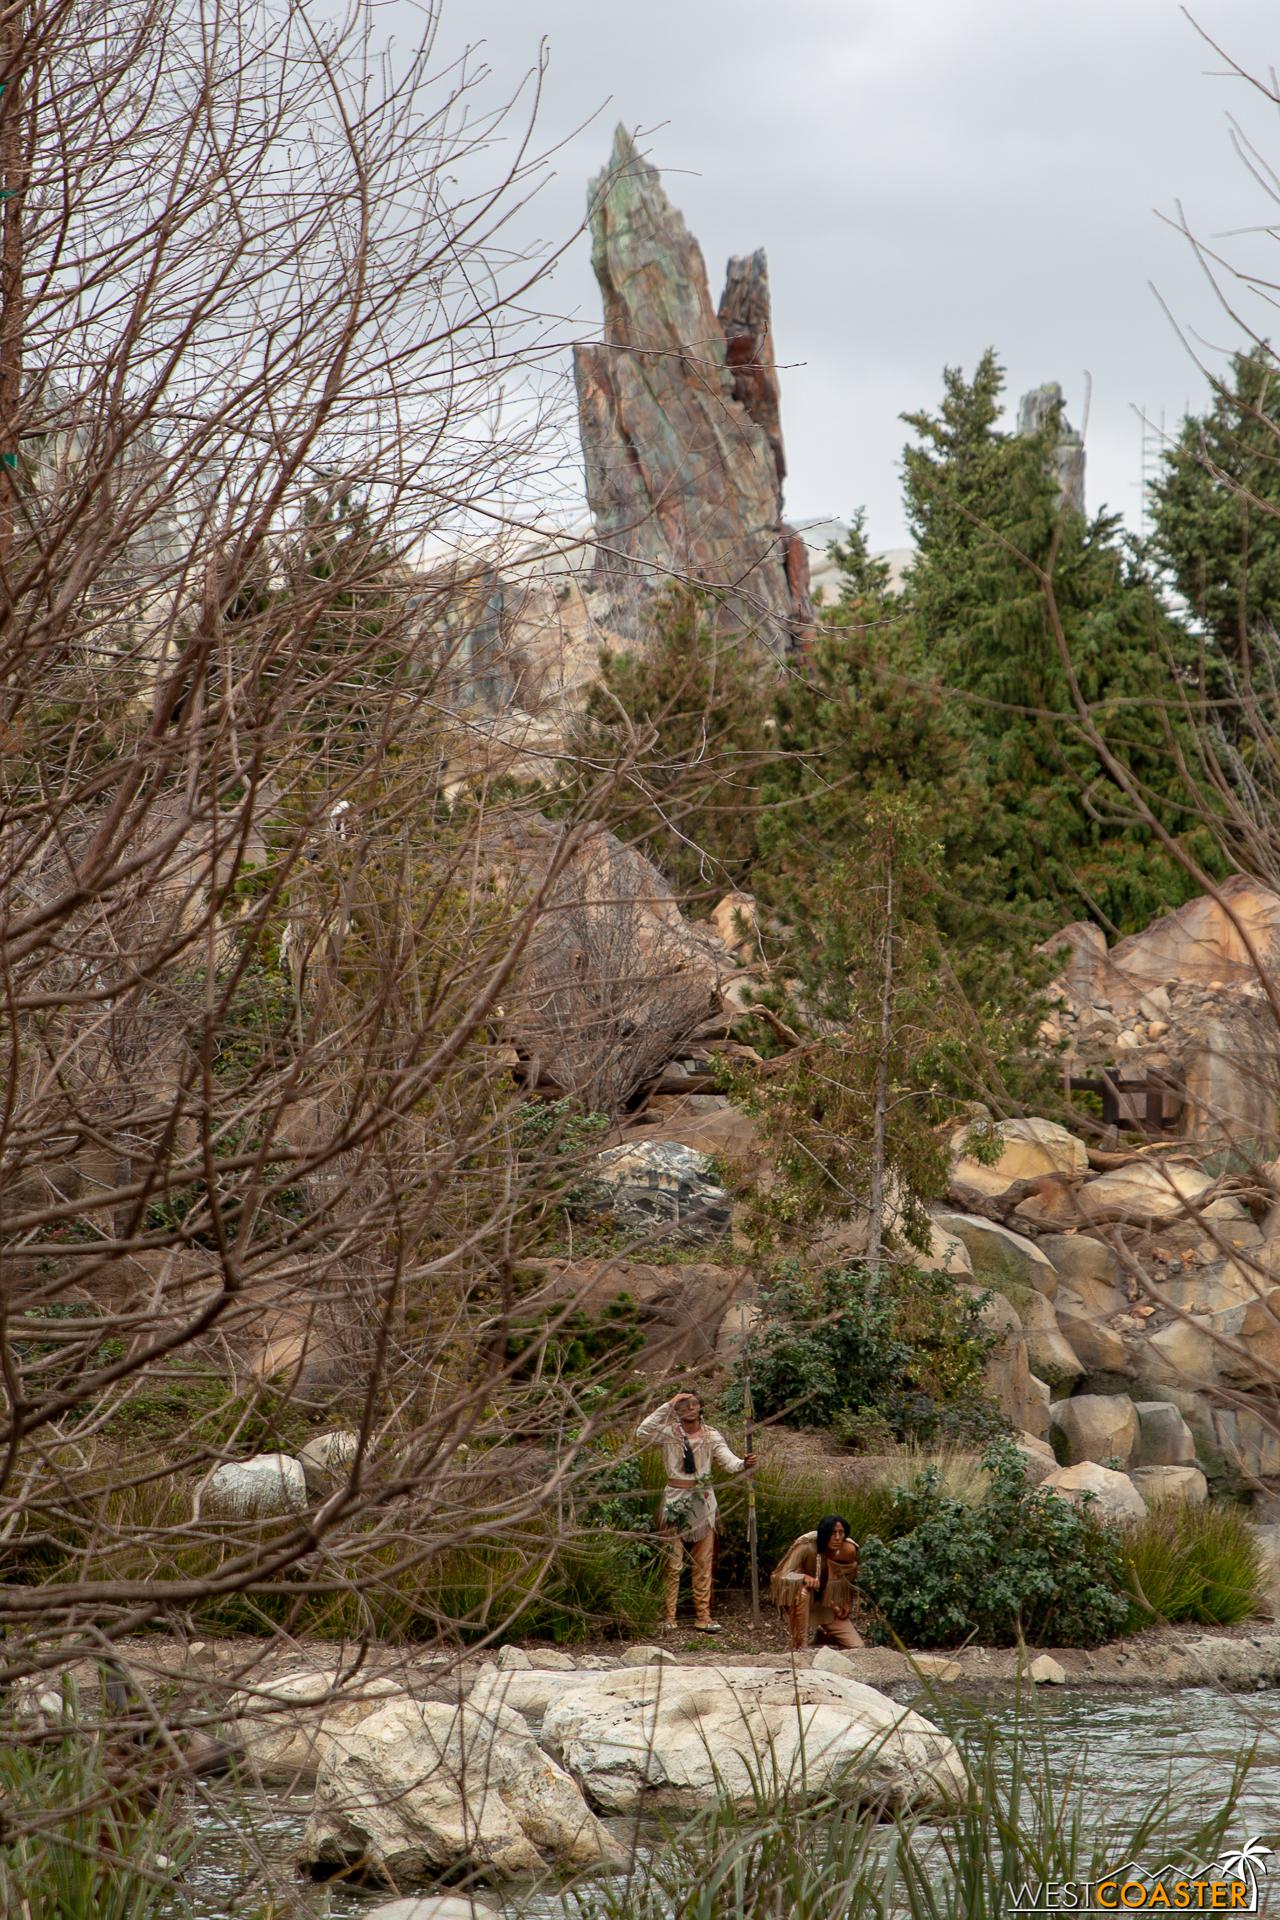 Westcoaster Disneyland Update 2-19-22.jpg